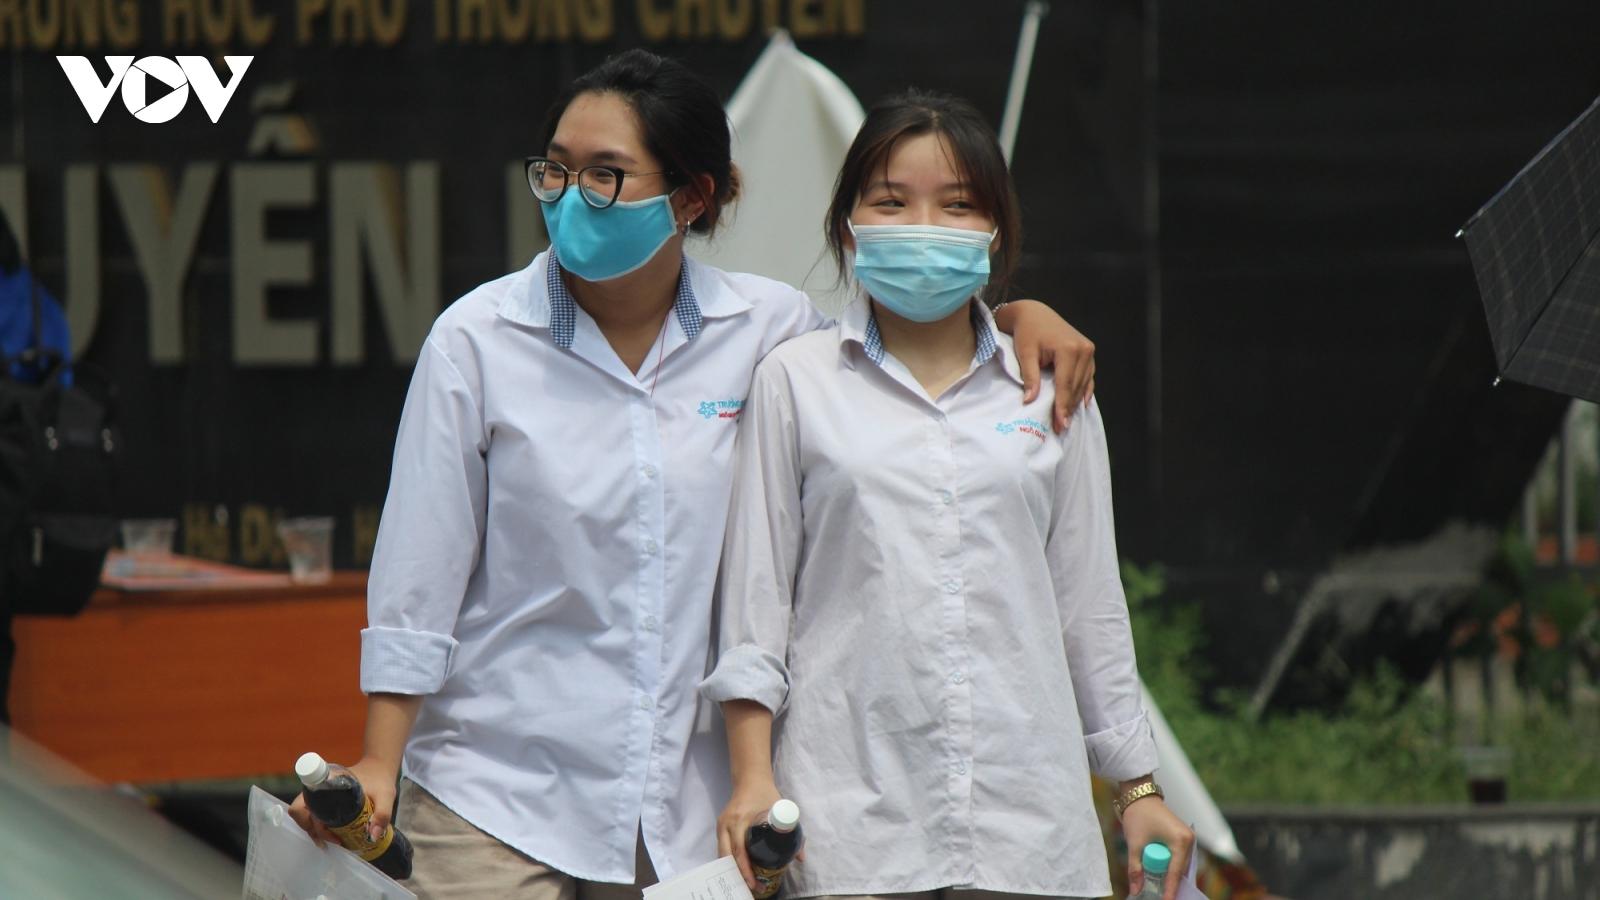 Nhìn lại những hình ảnh kì thi tốt nghiệp THPT giữa mùa Covid-19 tại Hà Nội